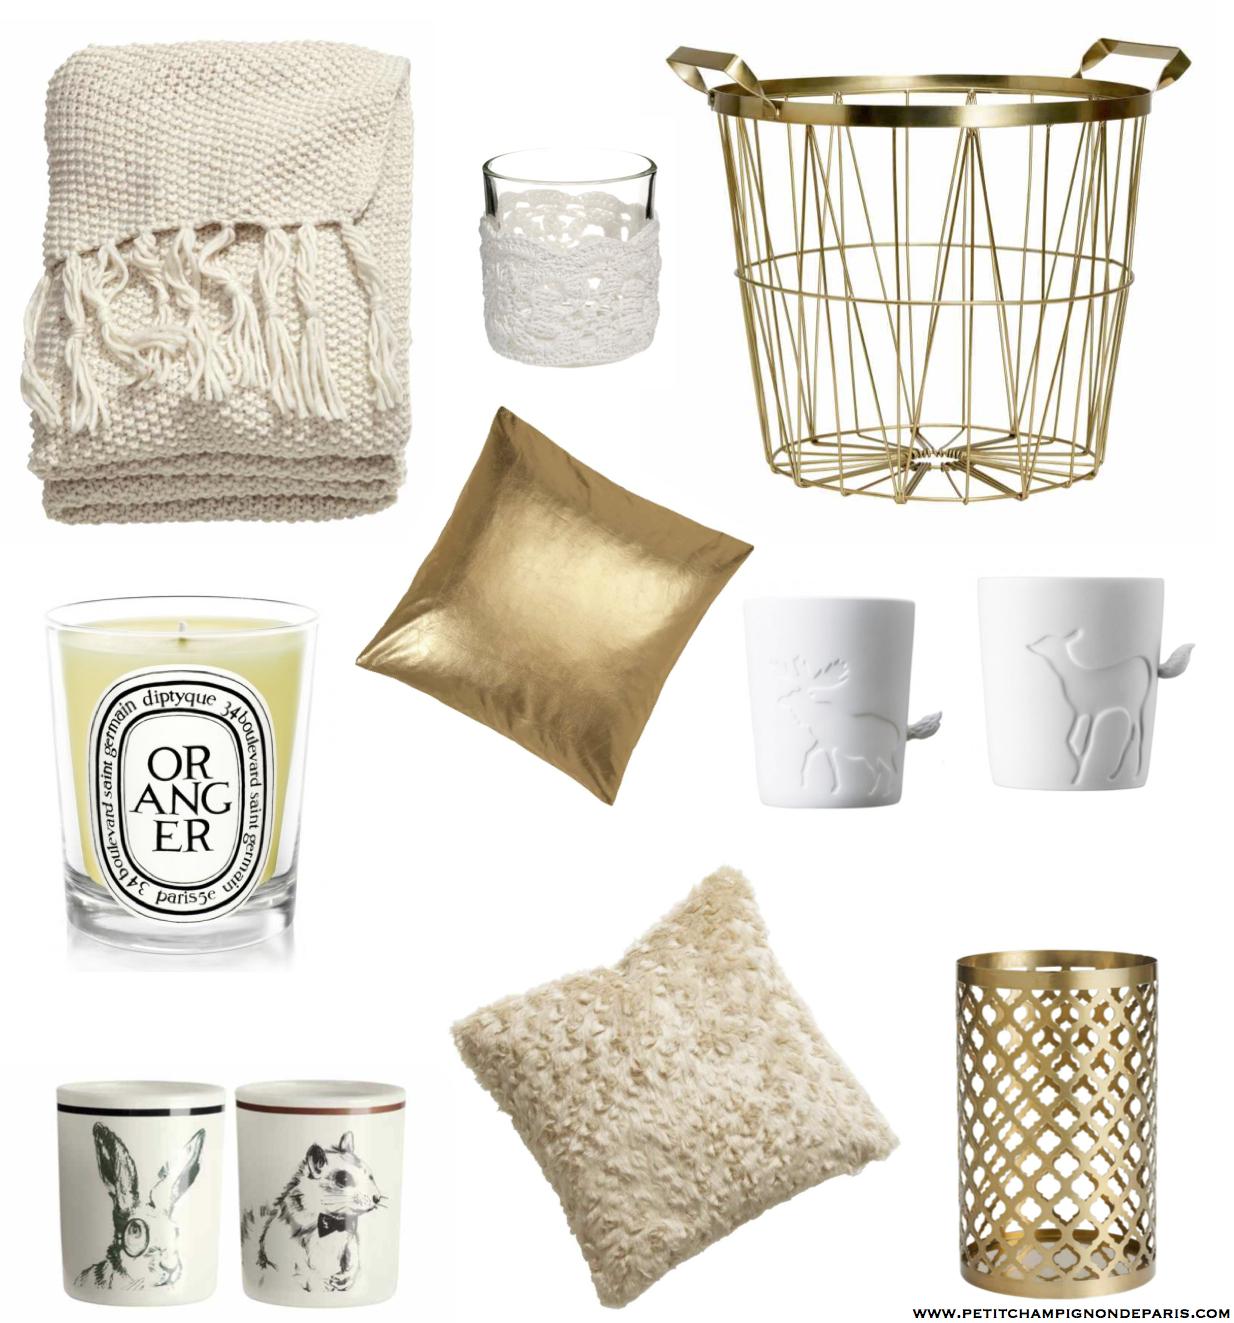 selection cocooning h m home petit champignon de paris. Black Bedroom Furniture Sets. Home Design Ideas